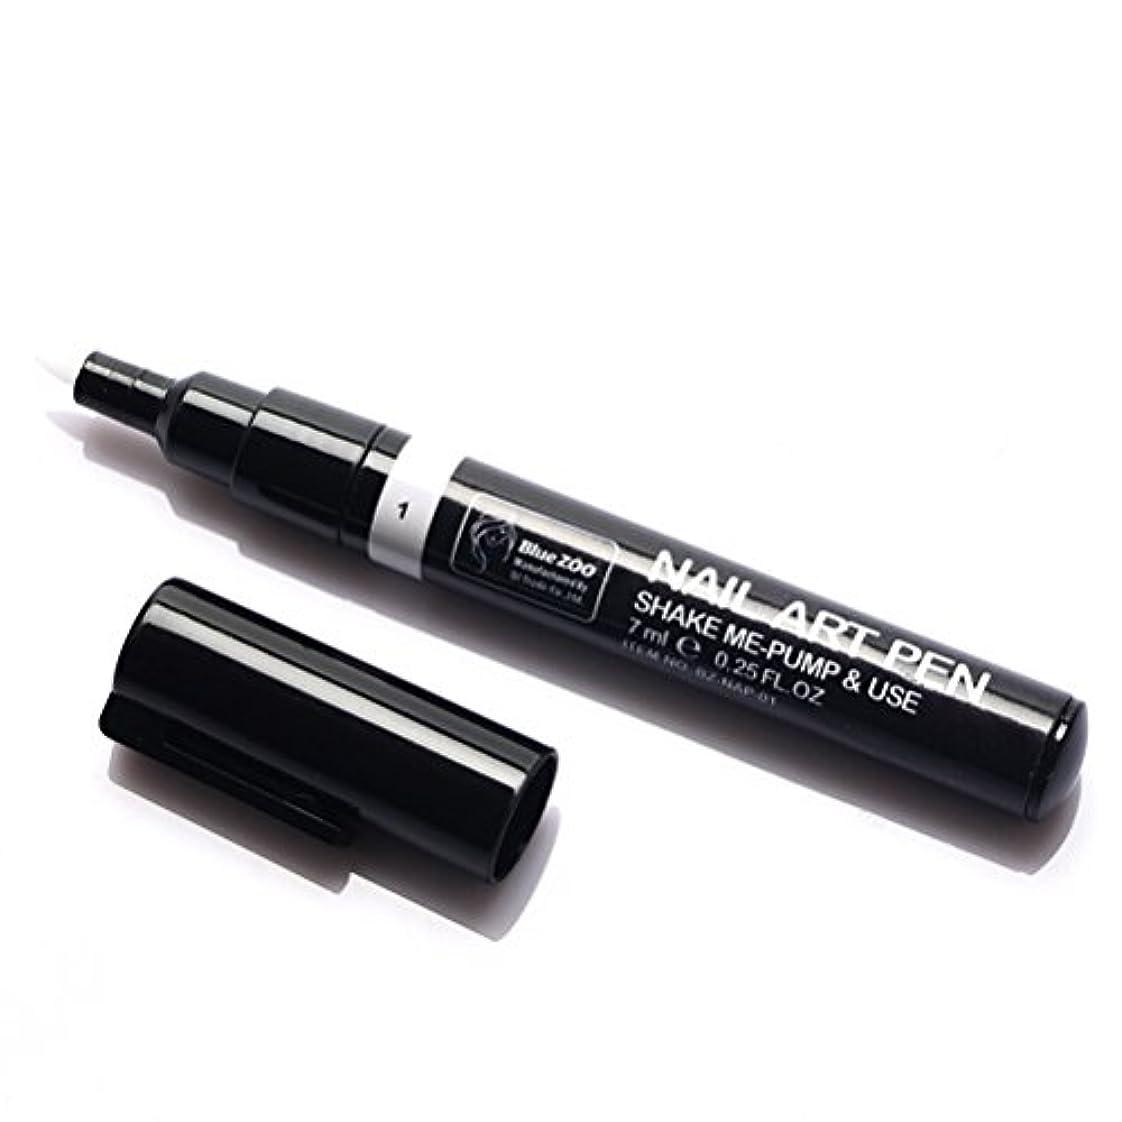 令状富豪代表団(メイクアップエーシーシー) MakeupAcc カラーネイルアートペン 3Dネイルペン ネイルアートペン ネイルマニキュア液 ペイントペン ペイント 両用 DIY 16色 (白い) [並行輸入品]